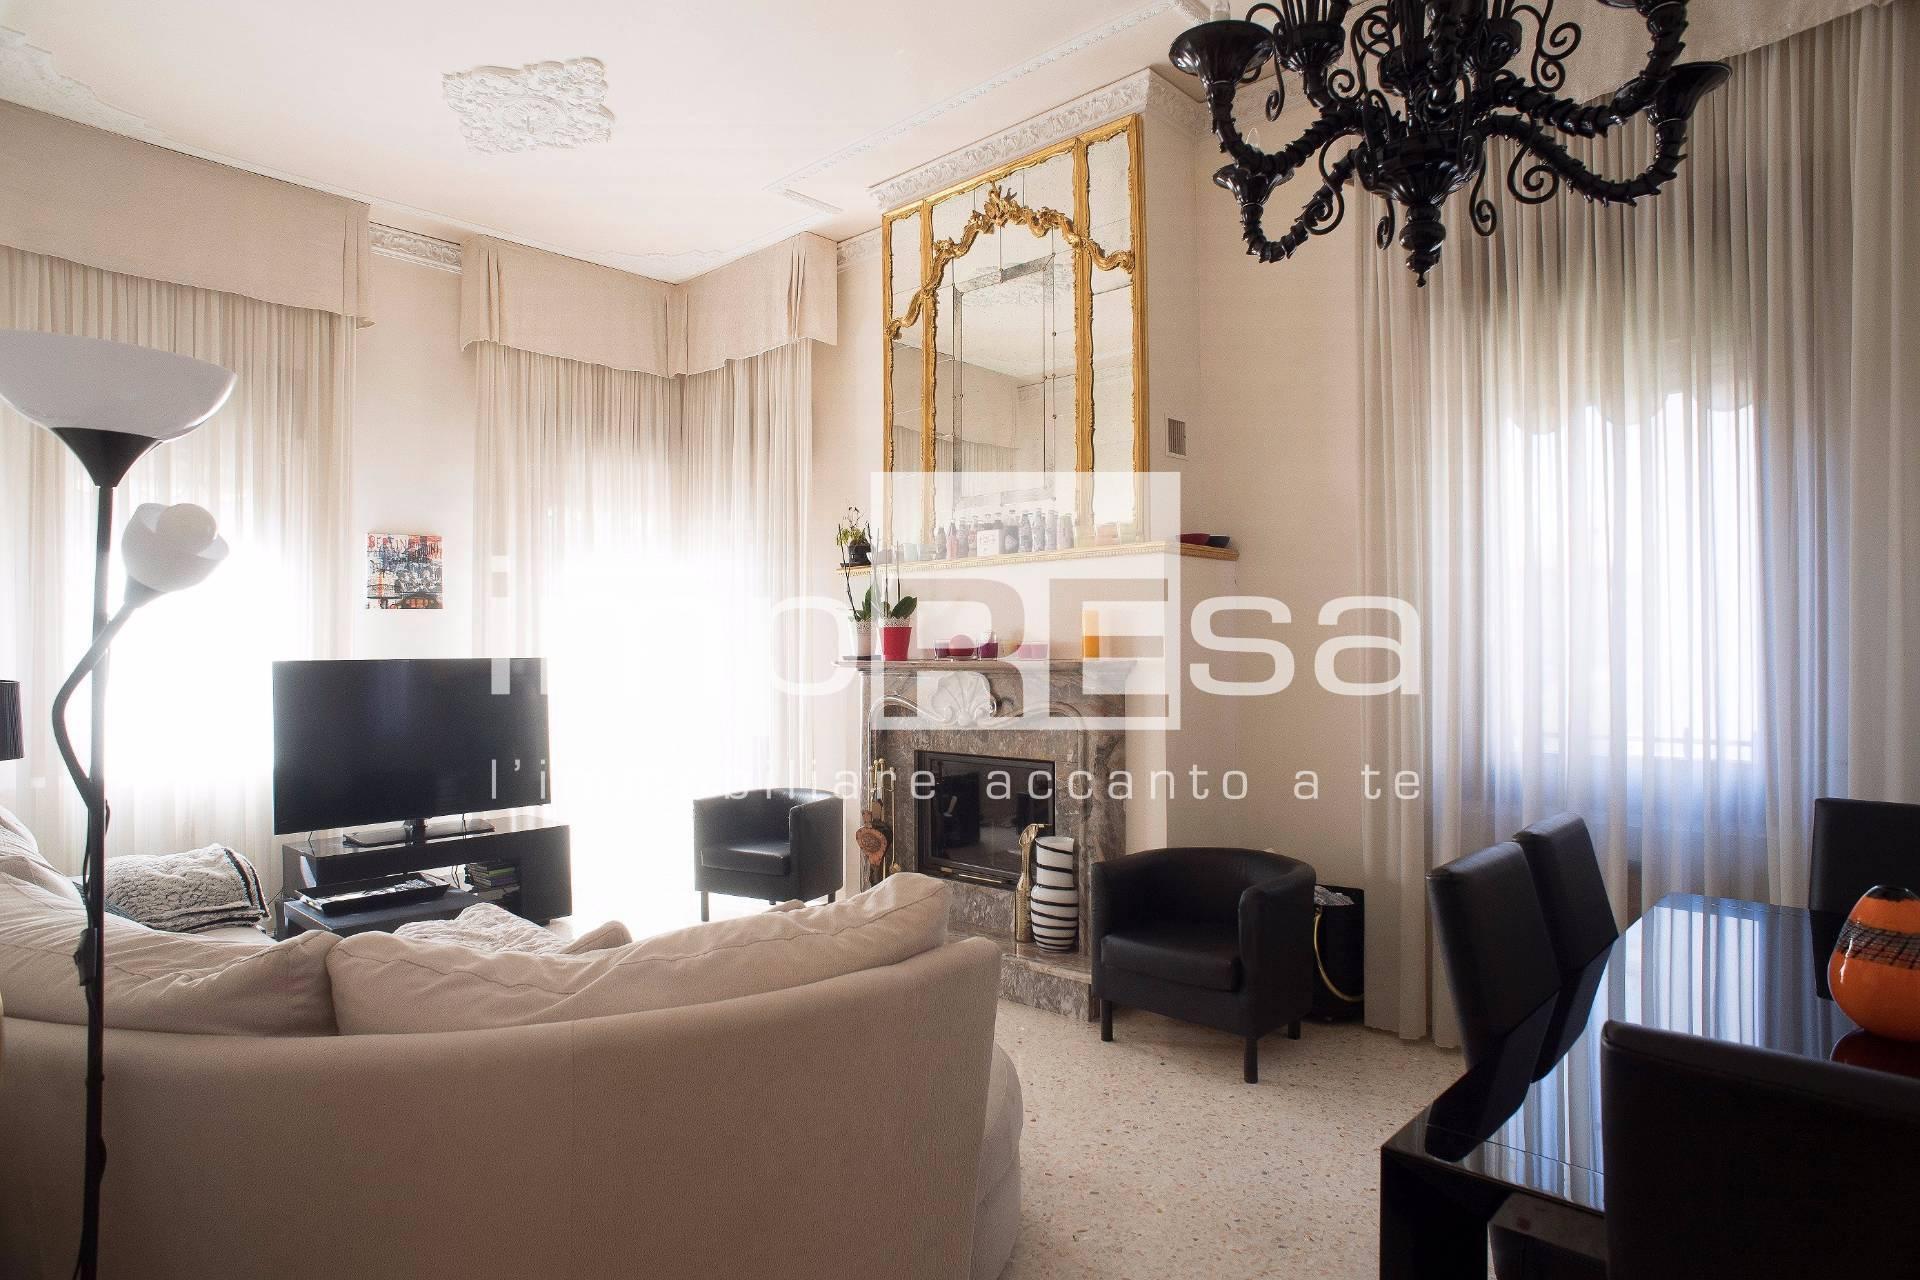 Appartamento in vendita a Venezia, 8 locali, zona Località: LidodiVeneziacentro, prezzo € 1.050.000 | PortaleAgenzieImmobiliari.it